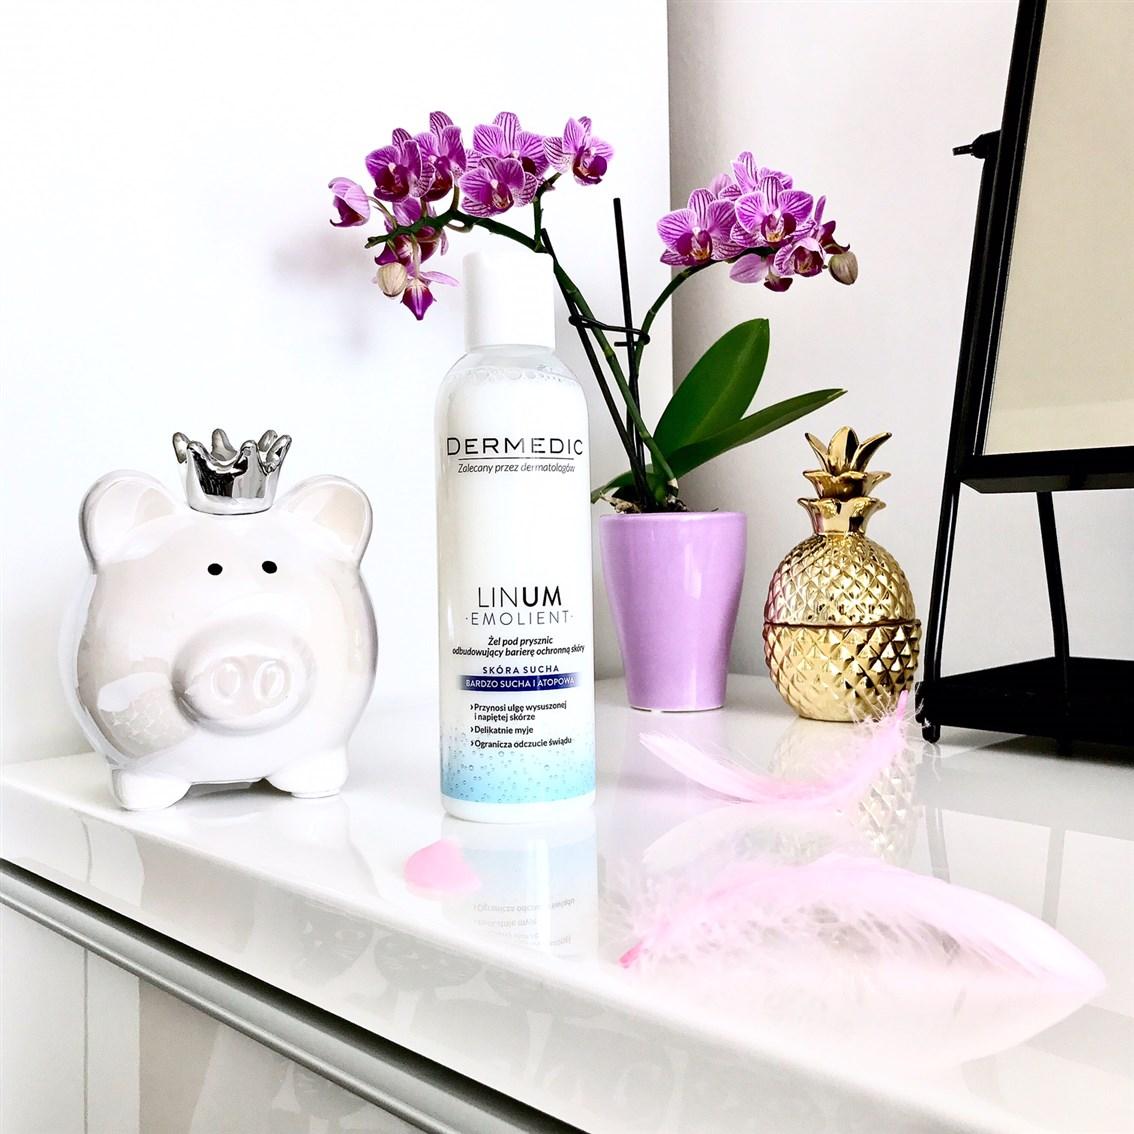 Dermedic Linum Emolient żel pod prysznic, łagodny żel pod prysznic, żel dla suchej skóry